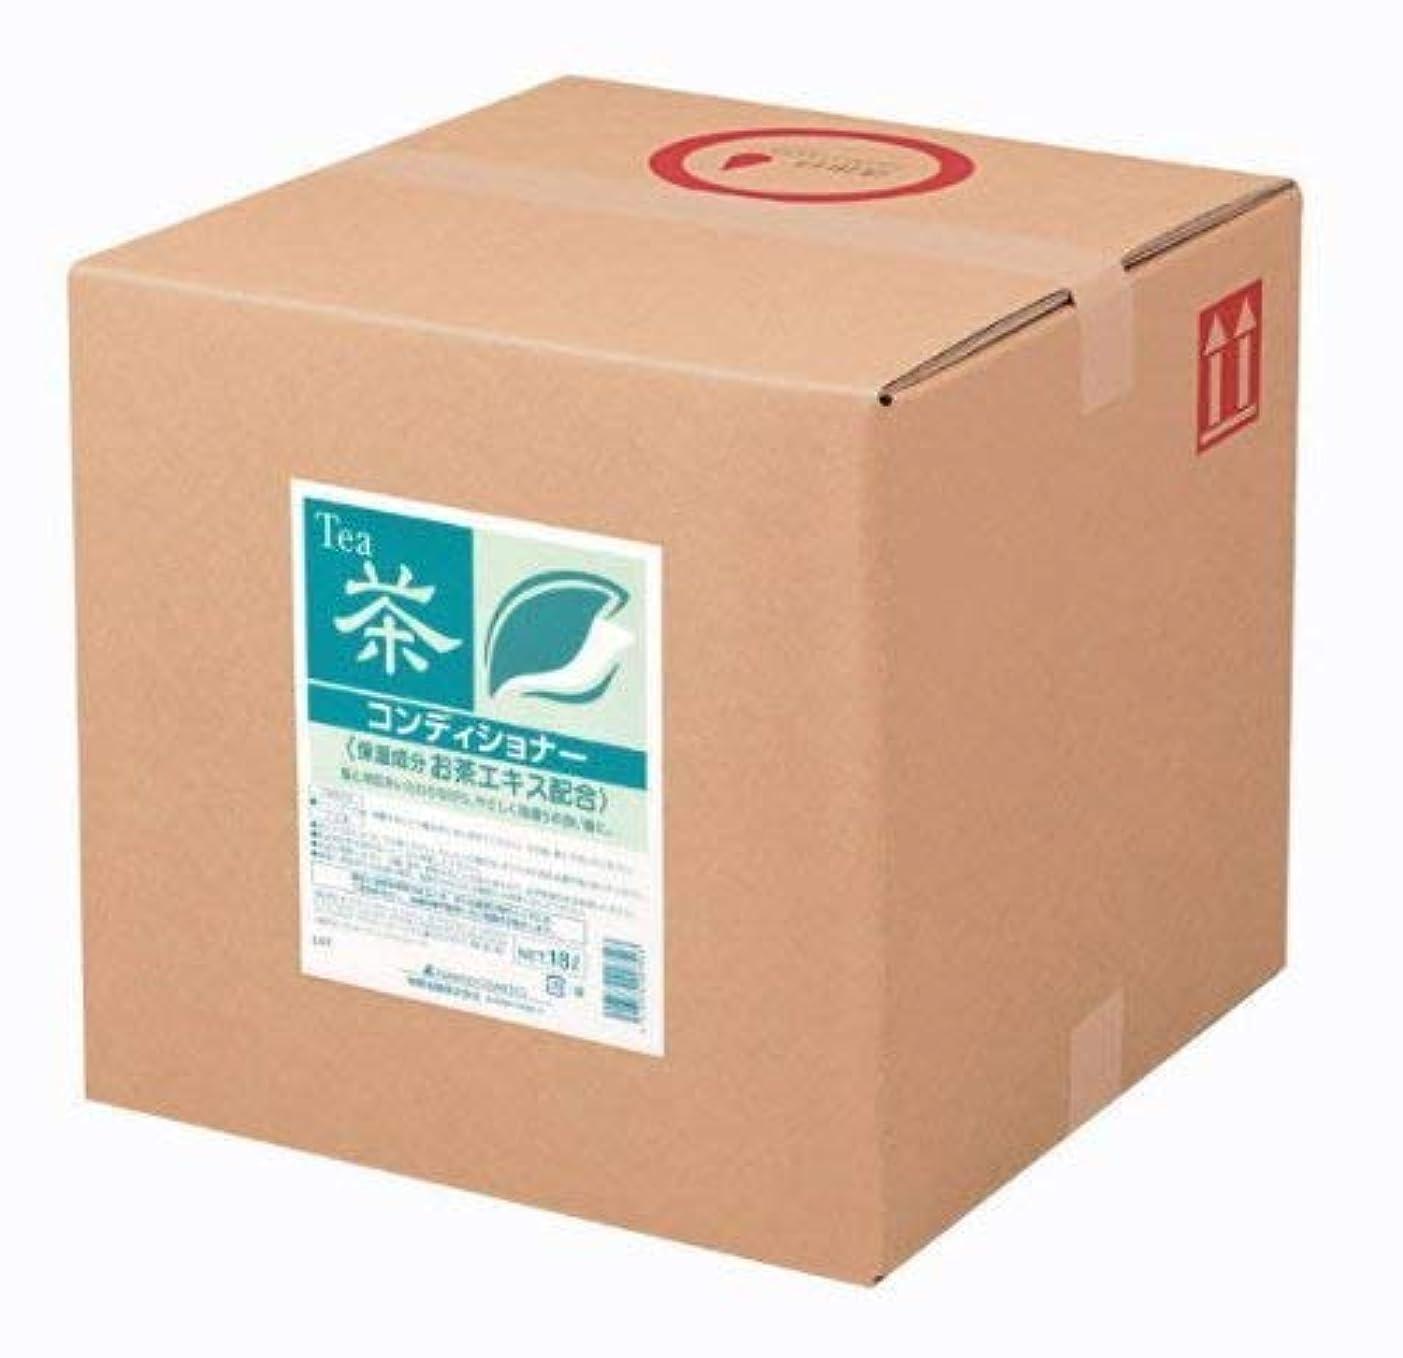 可能一元化する過剰業務用 SCRITT(スクリット) お茶 コンディショナー 18L 熊野油脂 (コック無し)